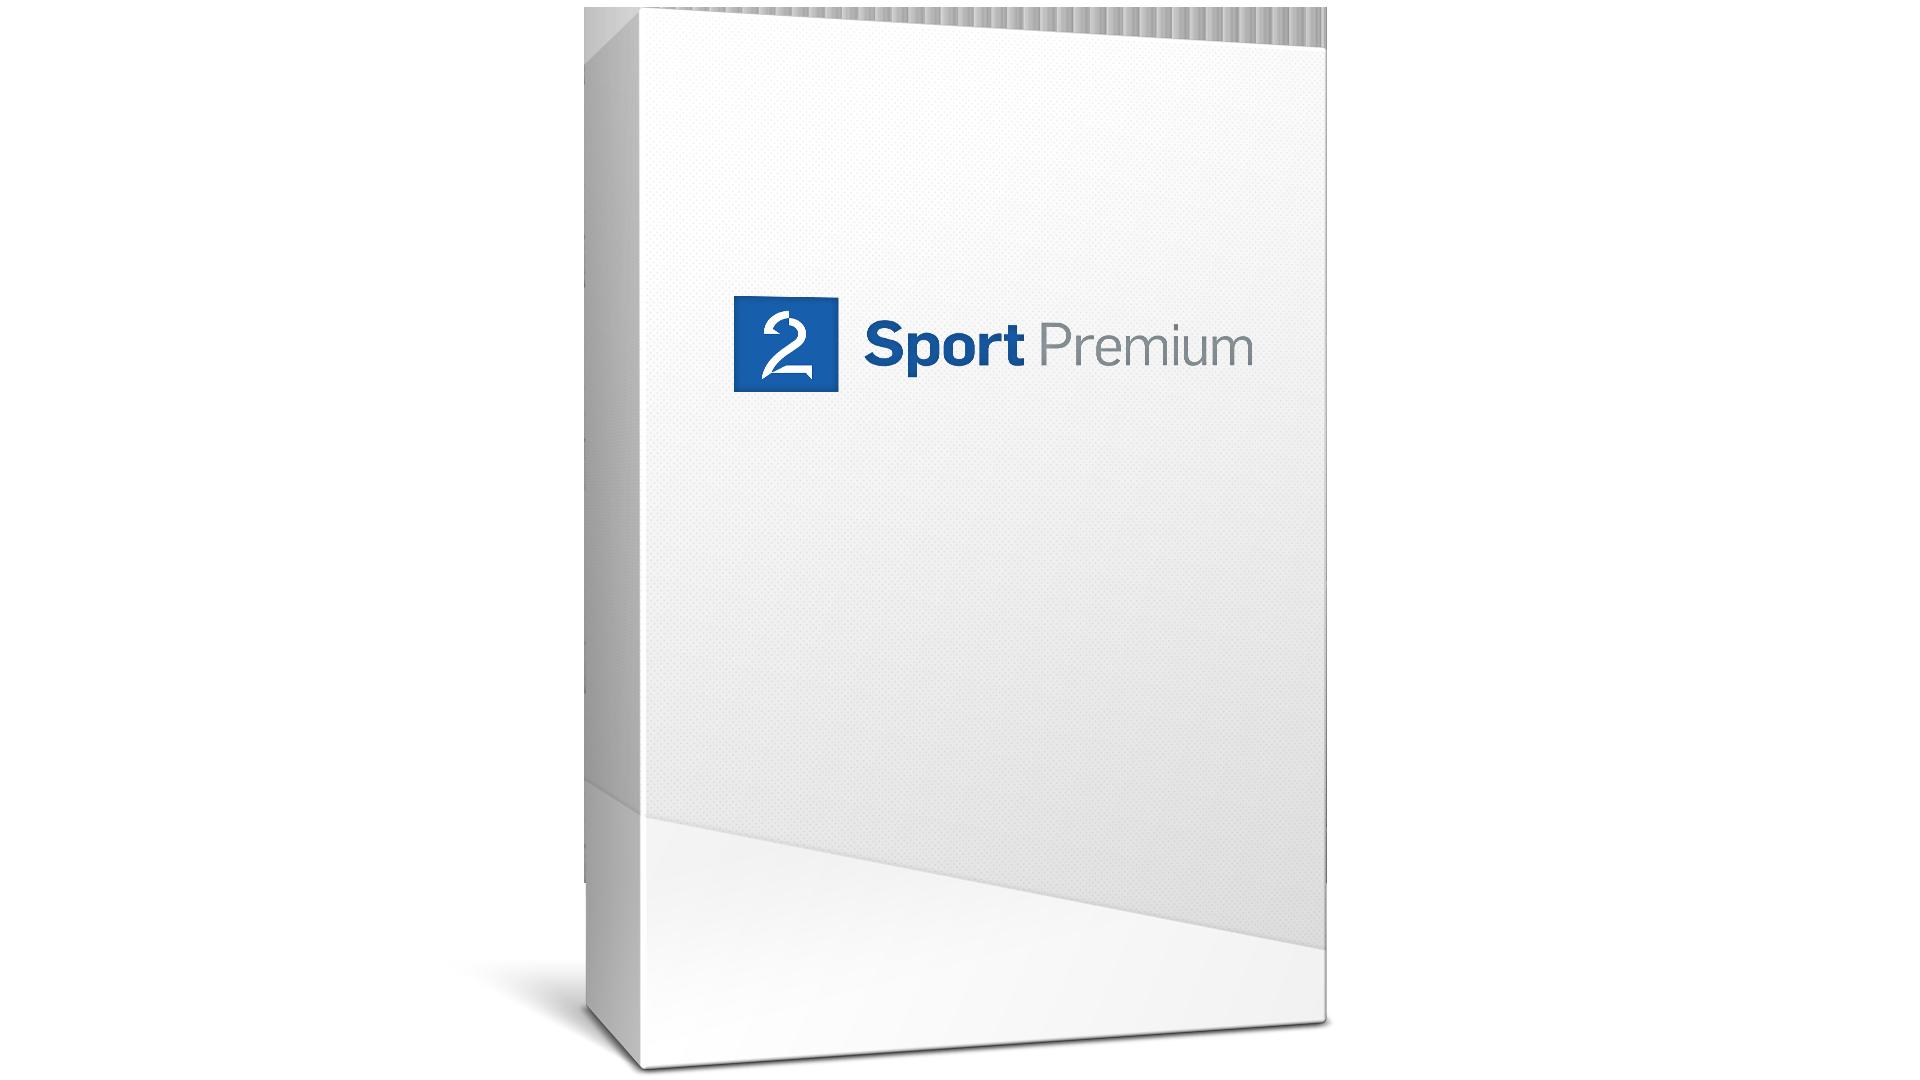 tv2 sport premium pris